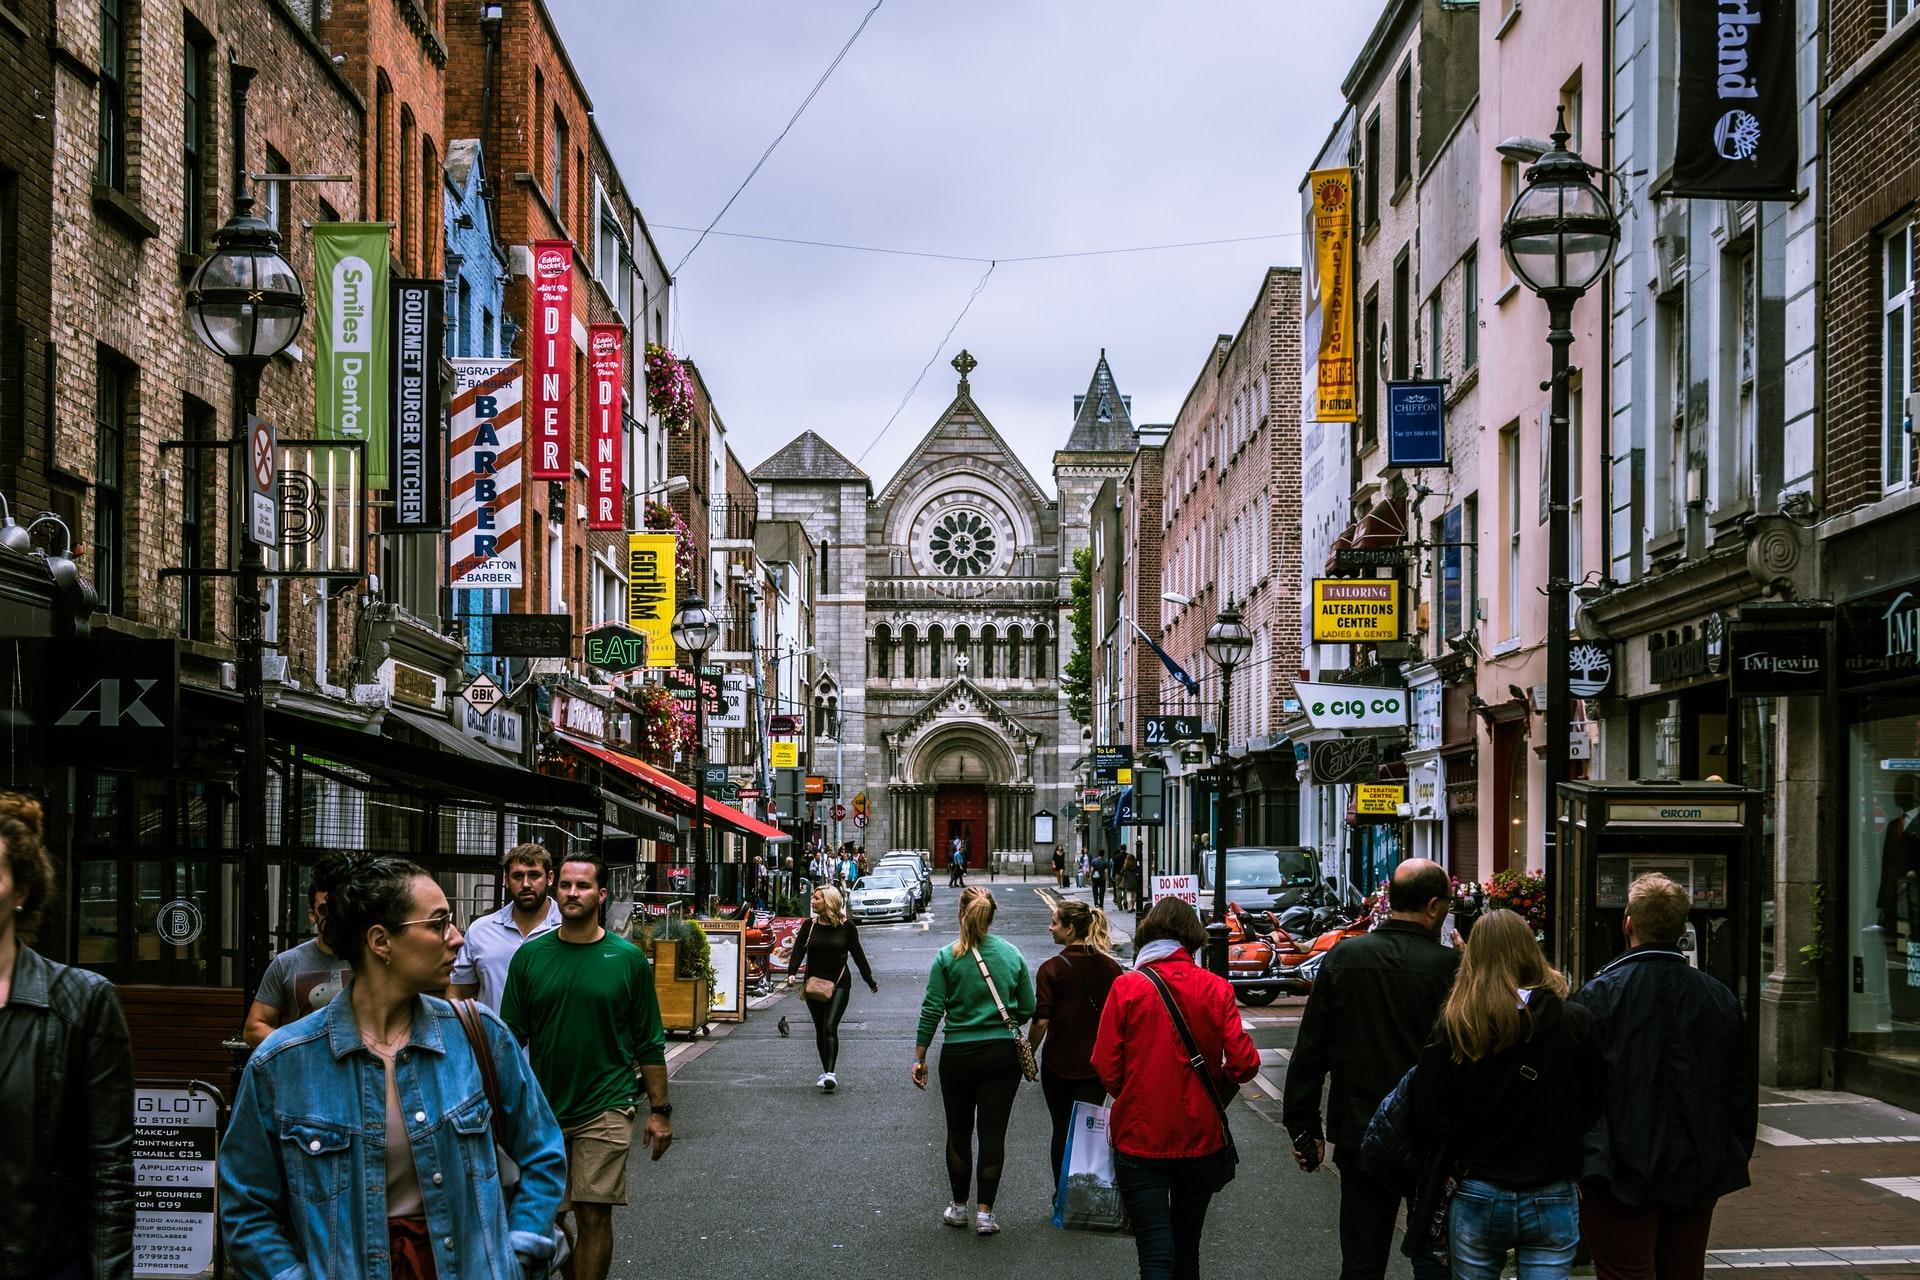 Intervista in Erasmus a Dublino